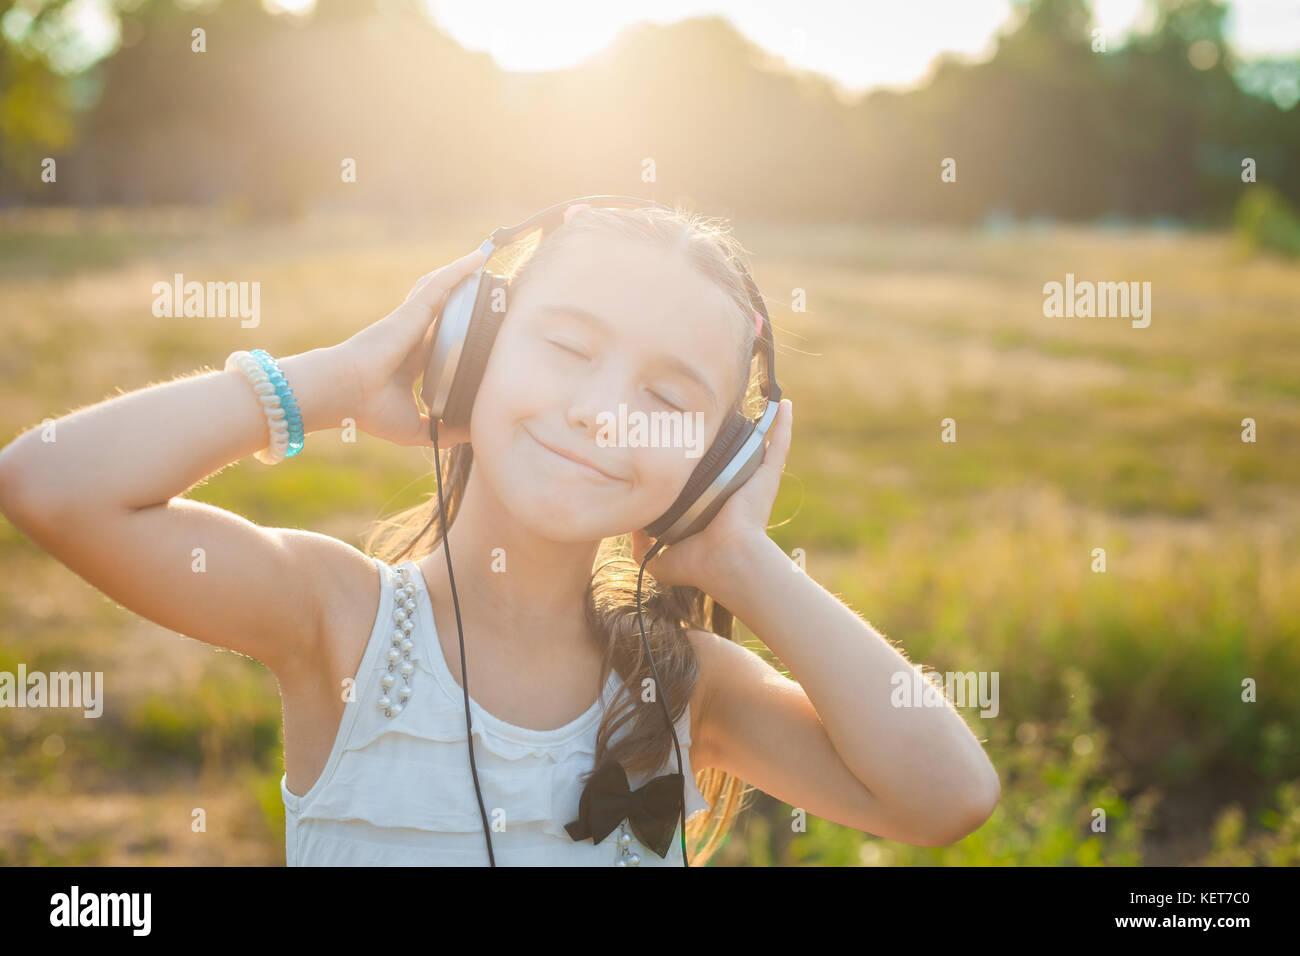 Funny Girl escuchando música con auriculares Imagen De Stock